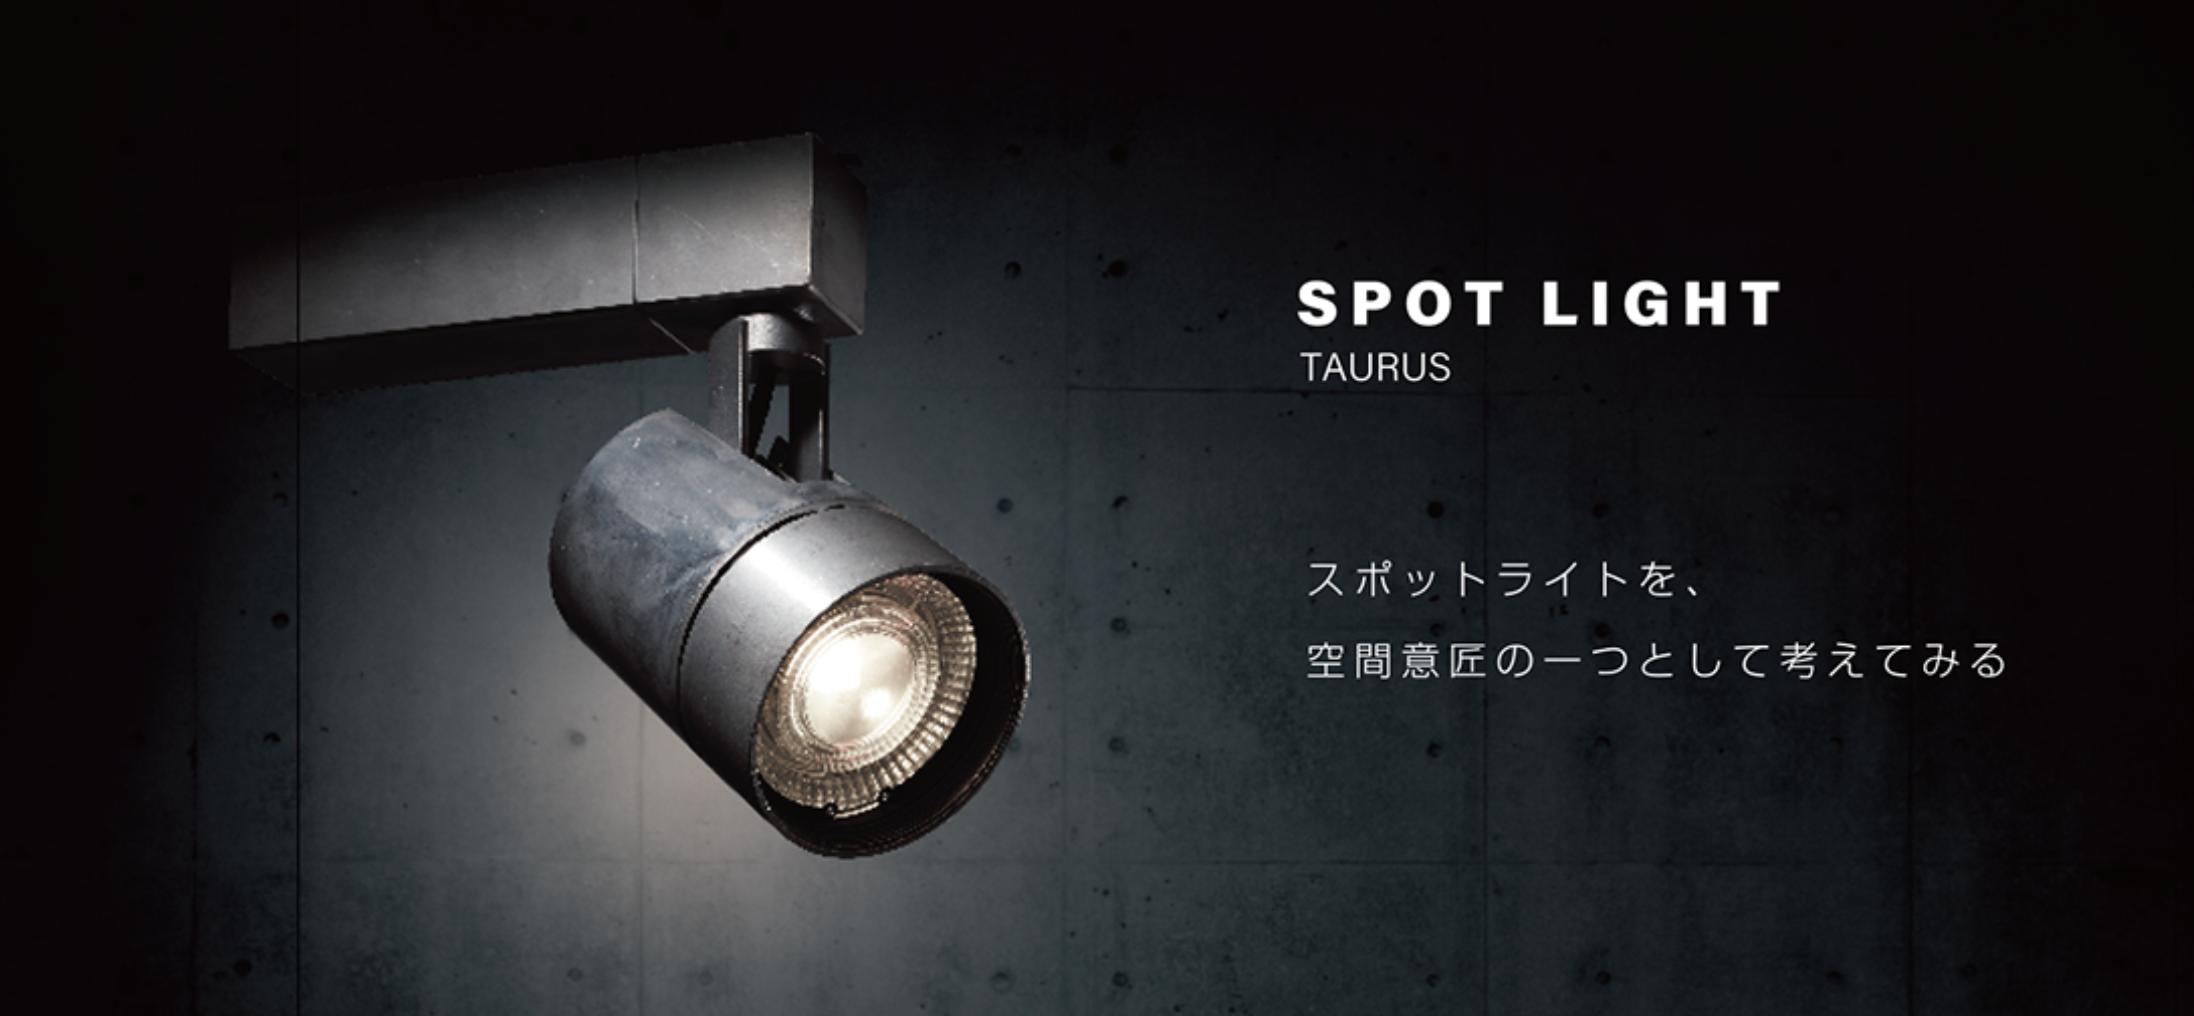 【ウシオライティング】空間意匠としてのスポットライト『TAURUS(トーラス)シリーズ』の画像